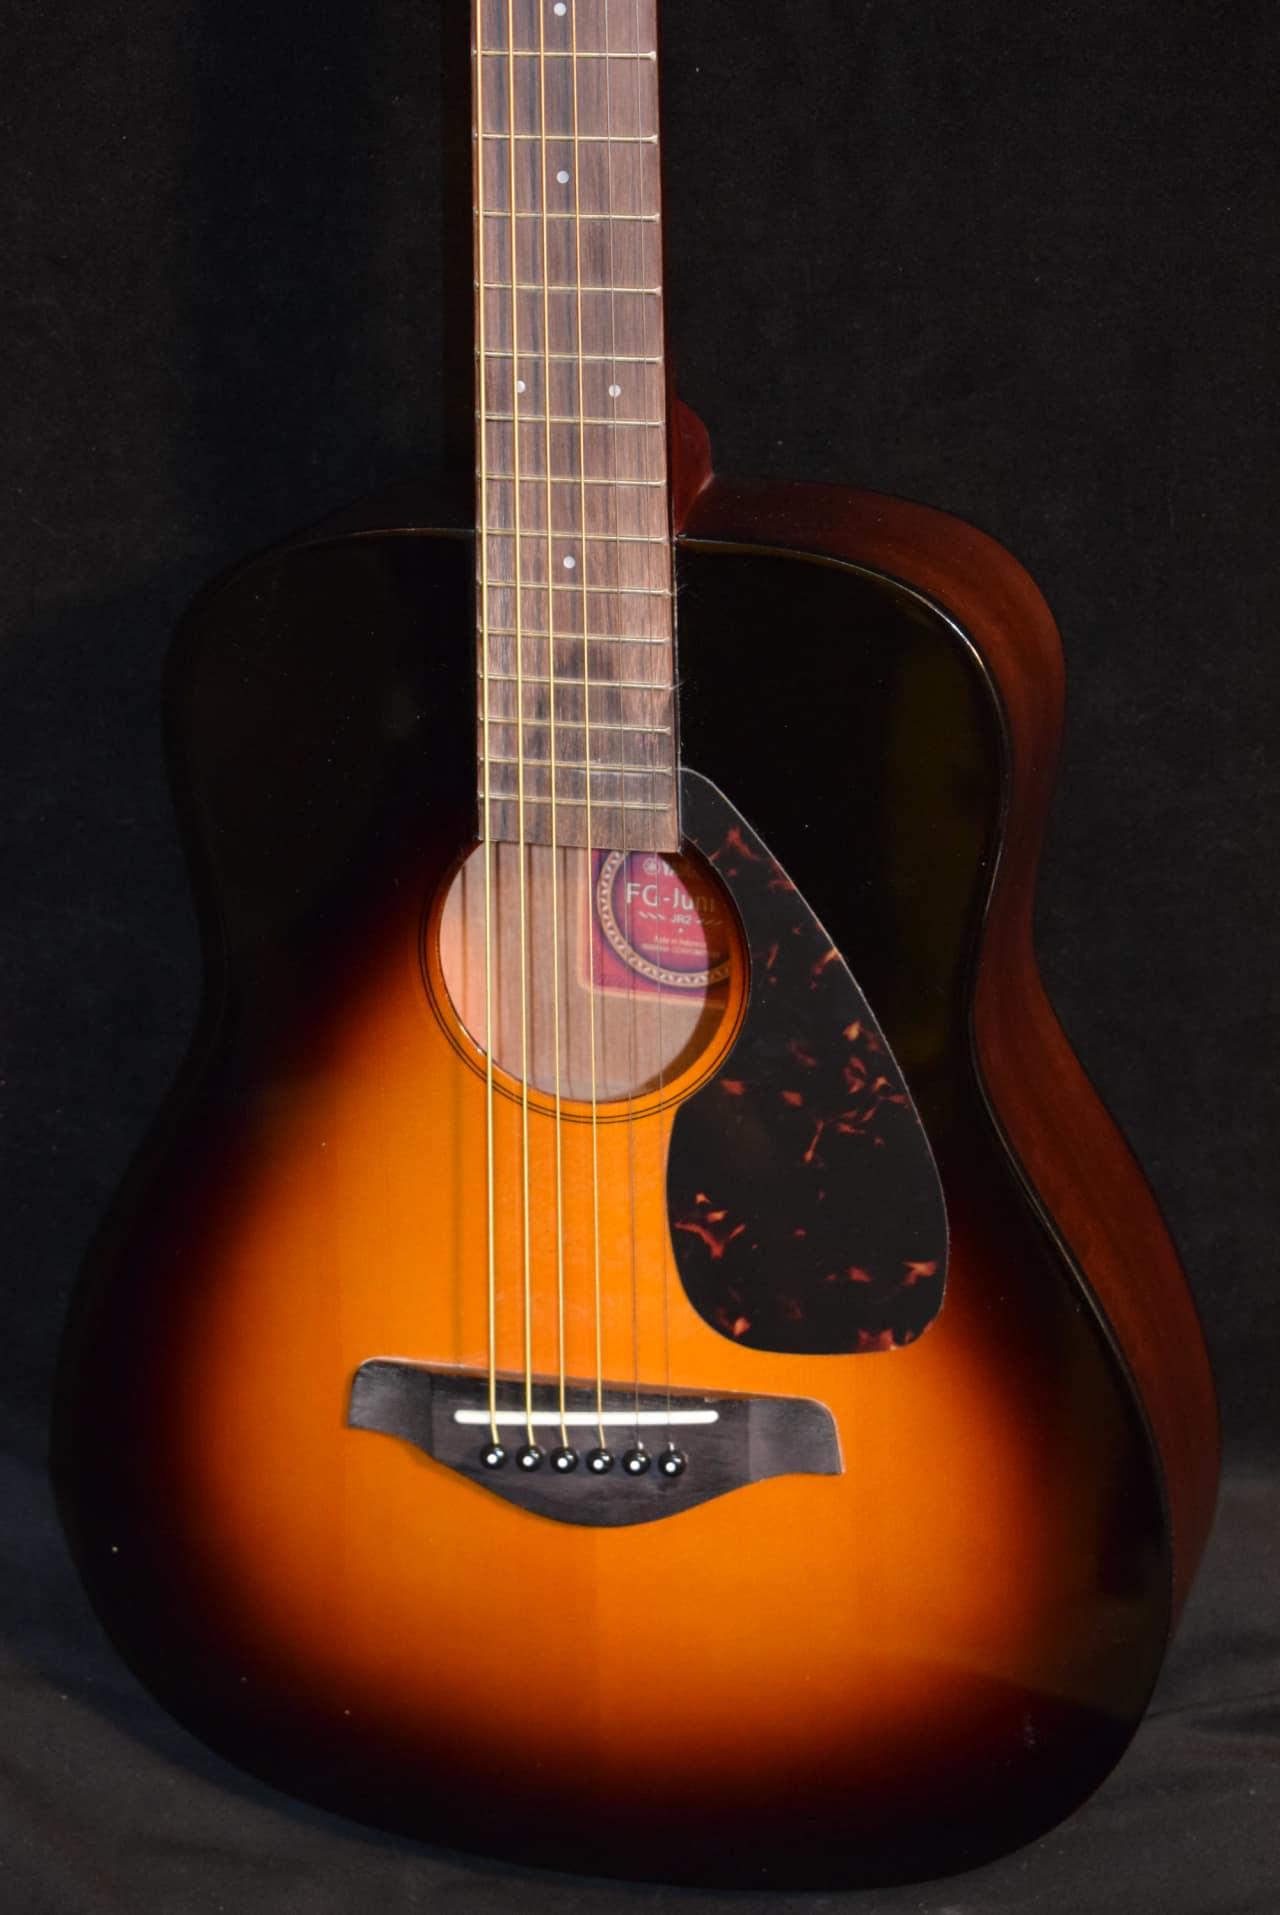 Yamaha jr2 tbs 3 4 scale folk guitar tobacco sunburst for Yamaha jr2 3 4